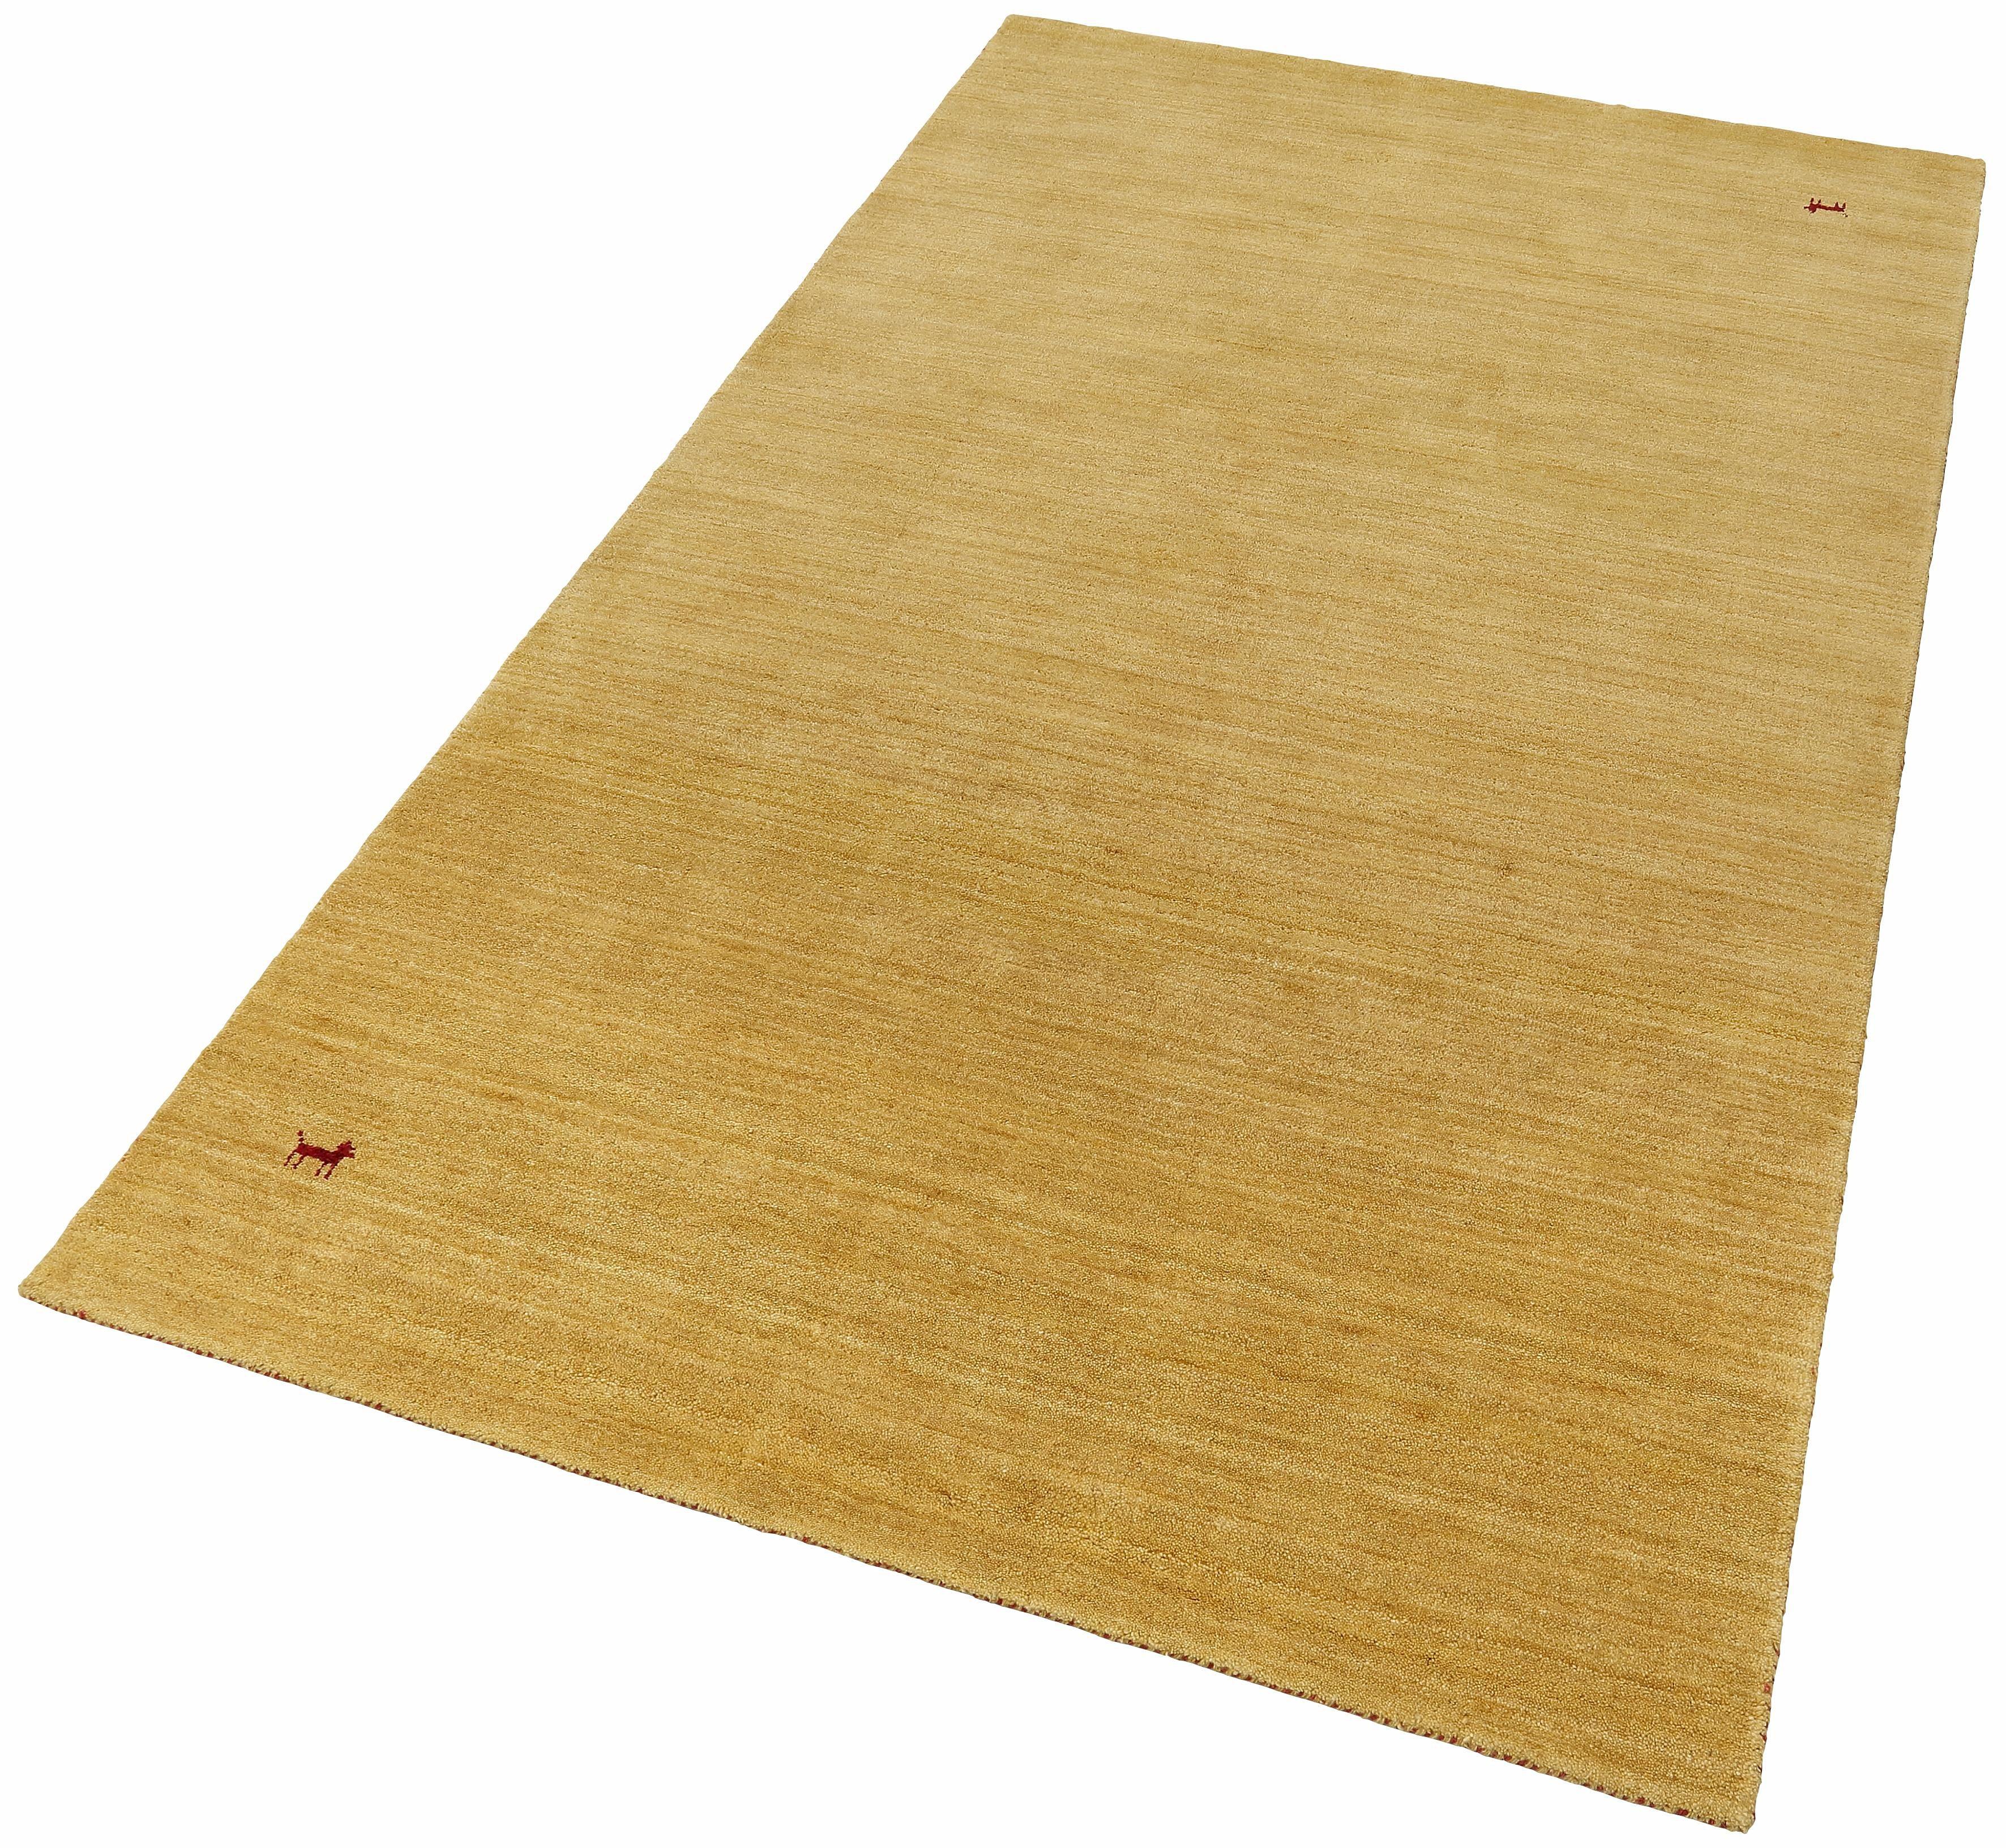 Orientteppich »Gabbeh Supreme«, Parwis, rechteckig, Höhe 20 mm, 4,5kg/m², Schurwolle, Unikat, handgearbeitet